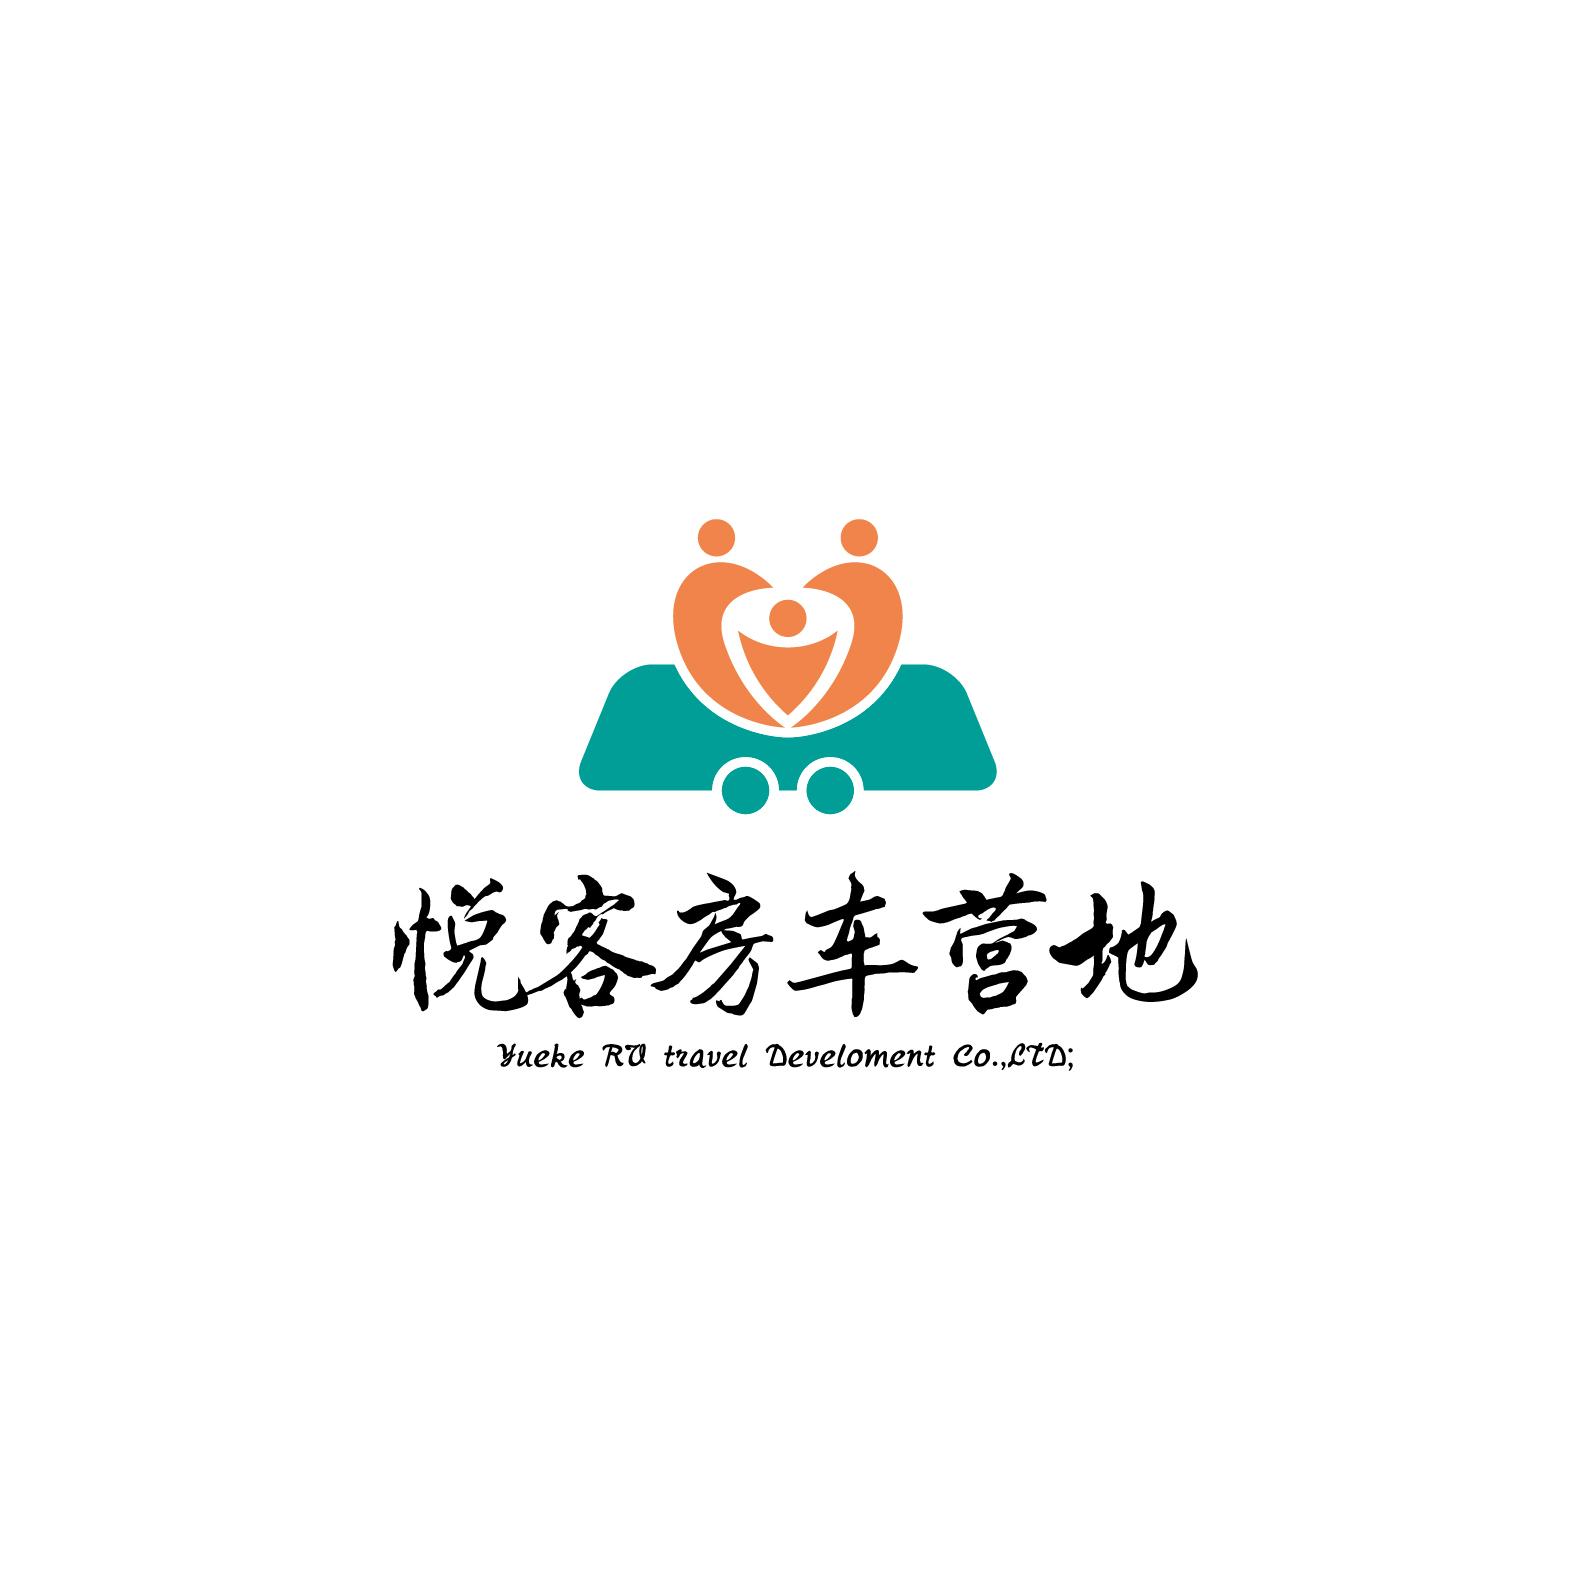 房车营地logo设计_2964232_k68威客网